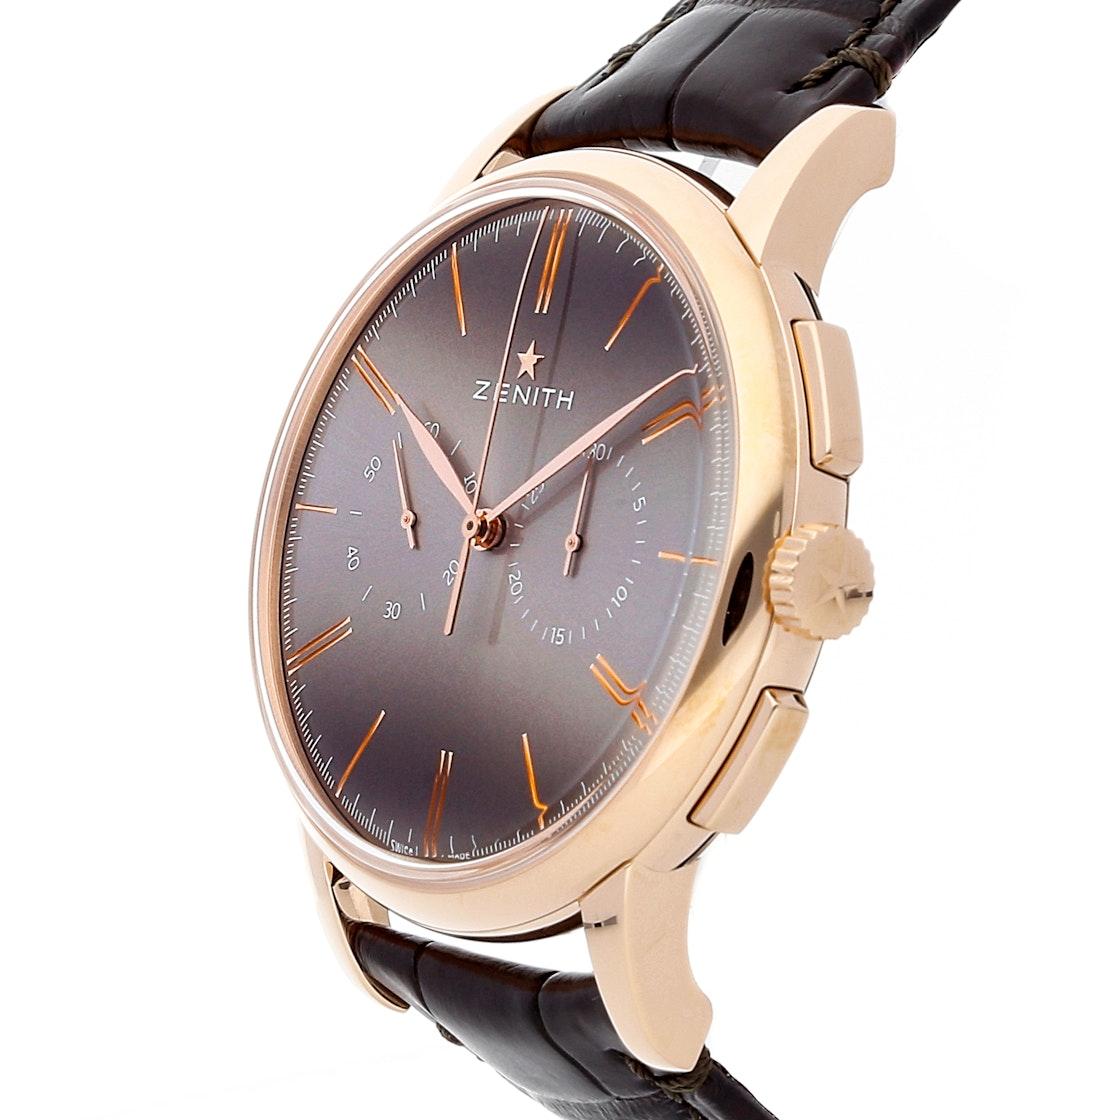 Zenith Elite Chronograph Classic 18.2270.4069/18.C498